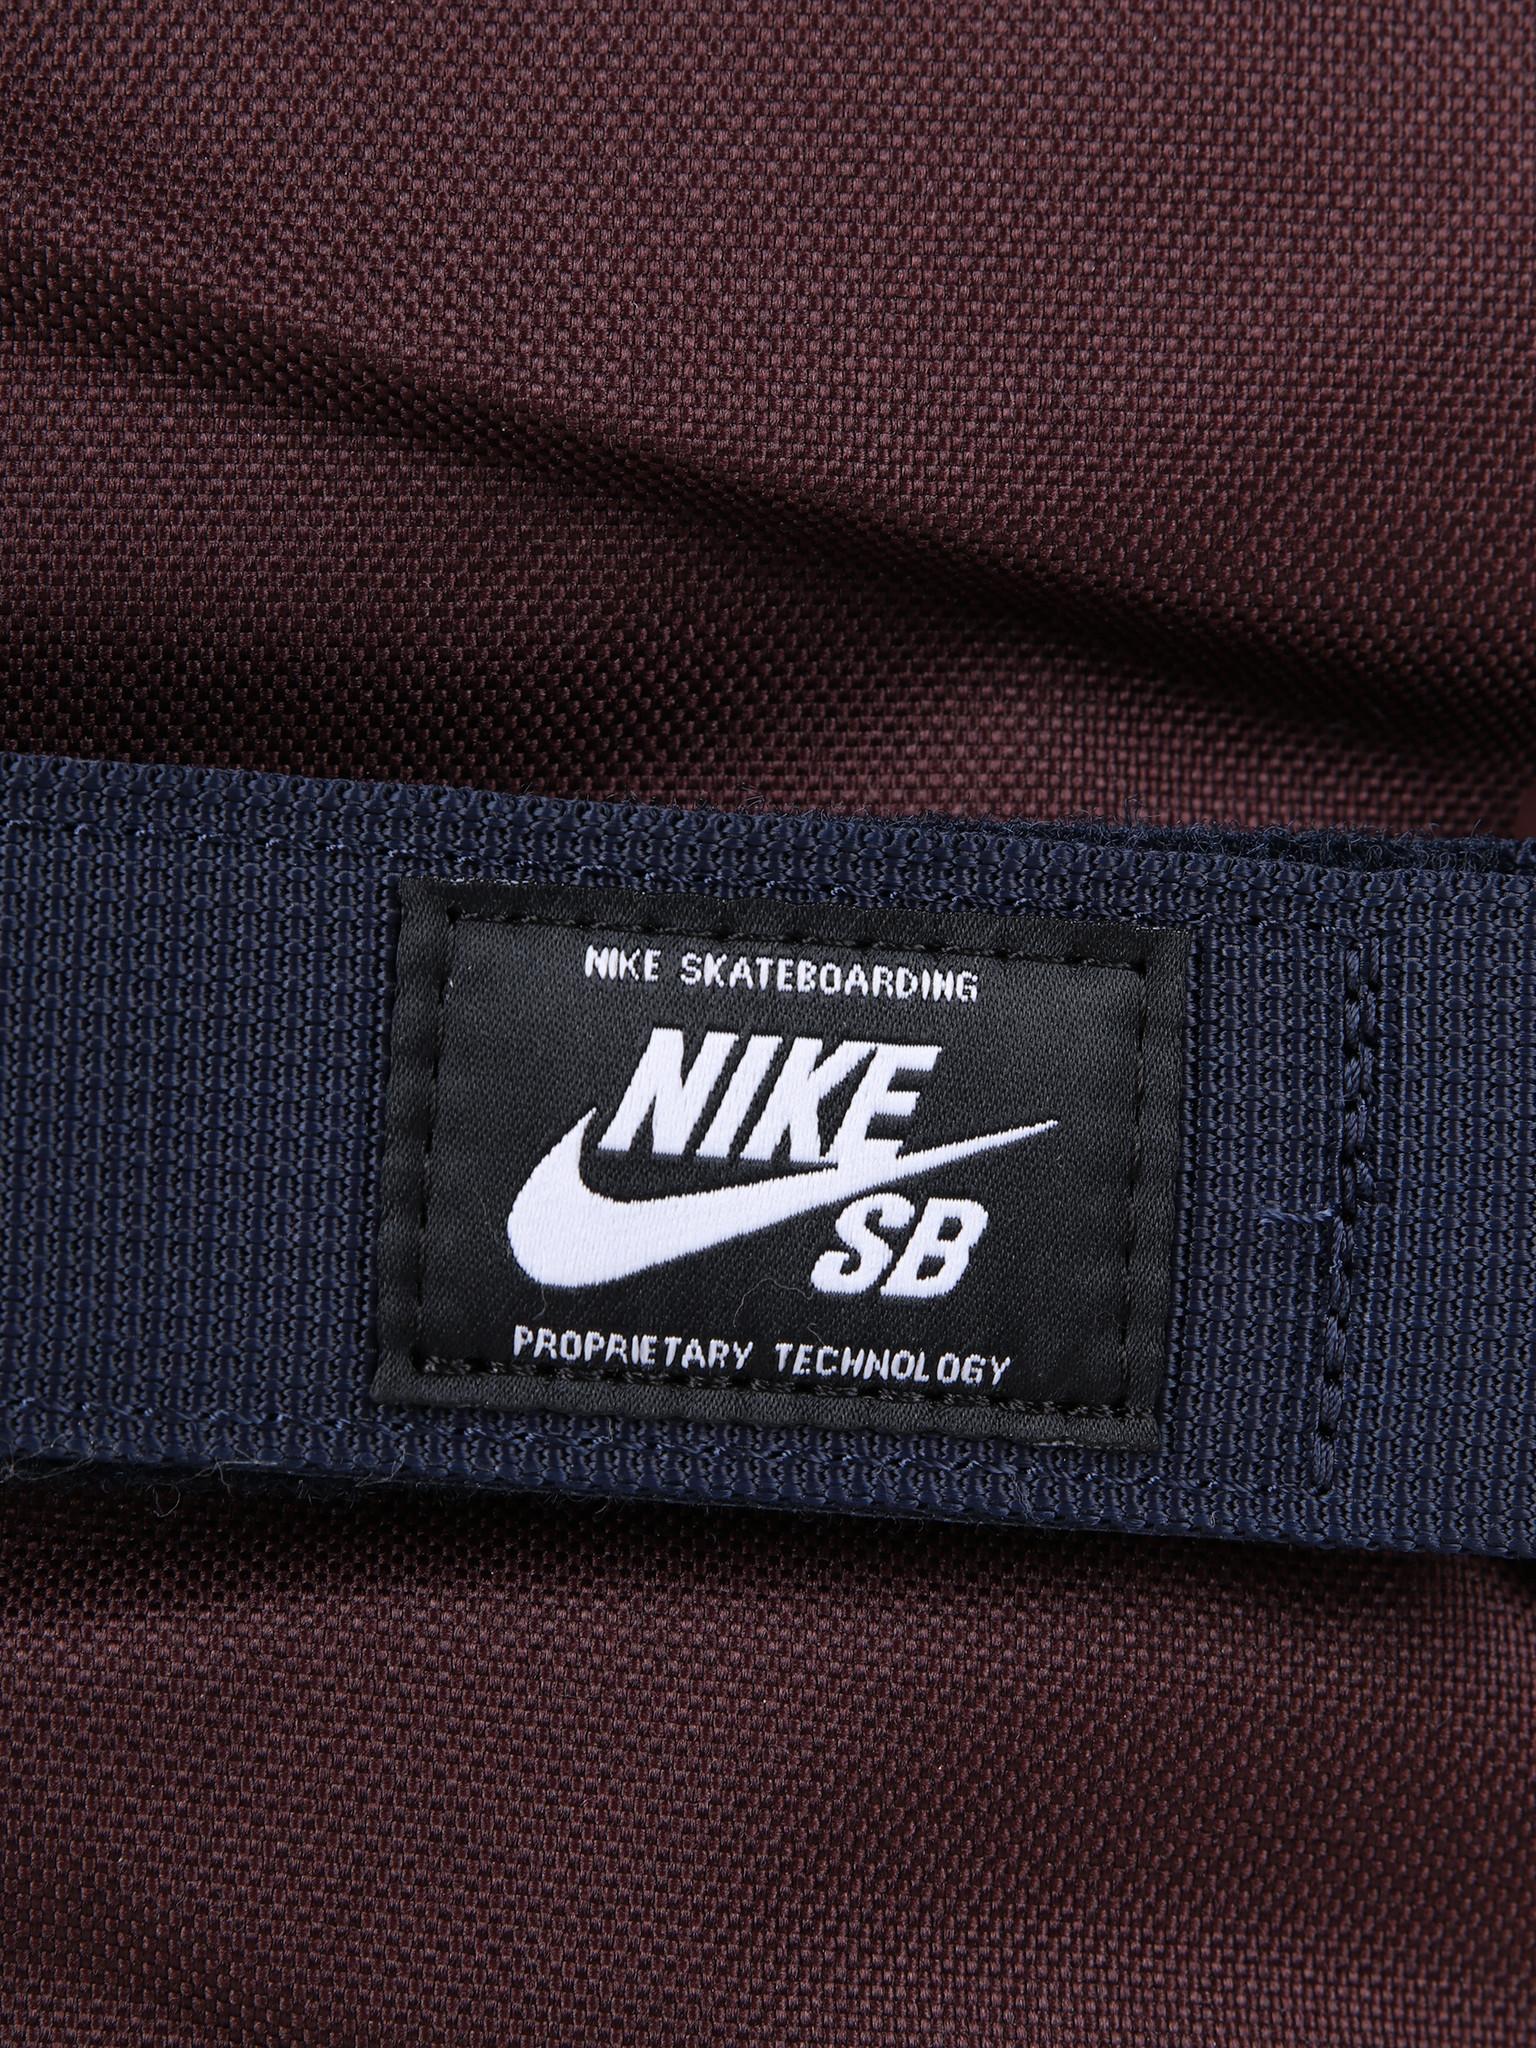 Nike Nike SB Courthouse Mahogany Obsidian White Ba5305-263